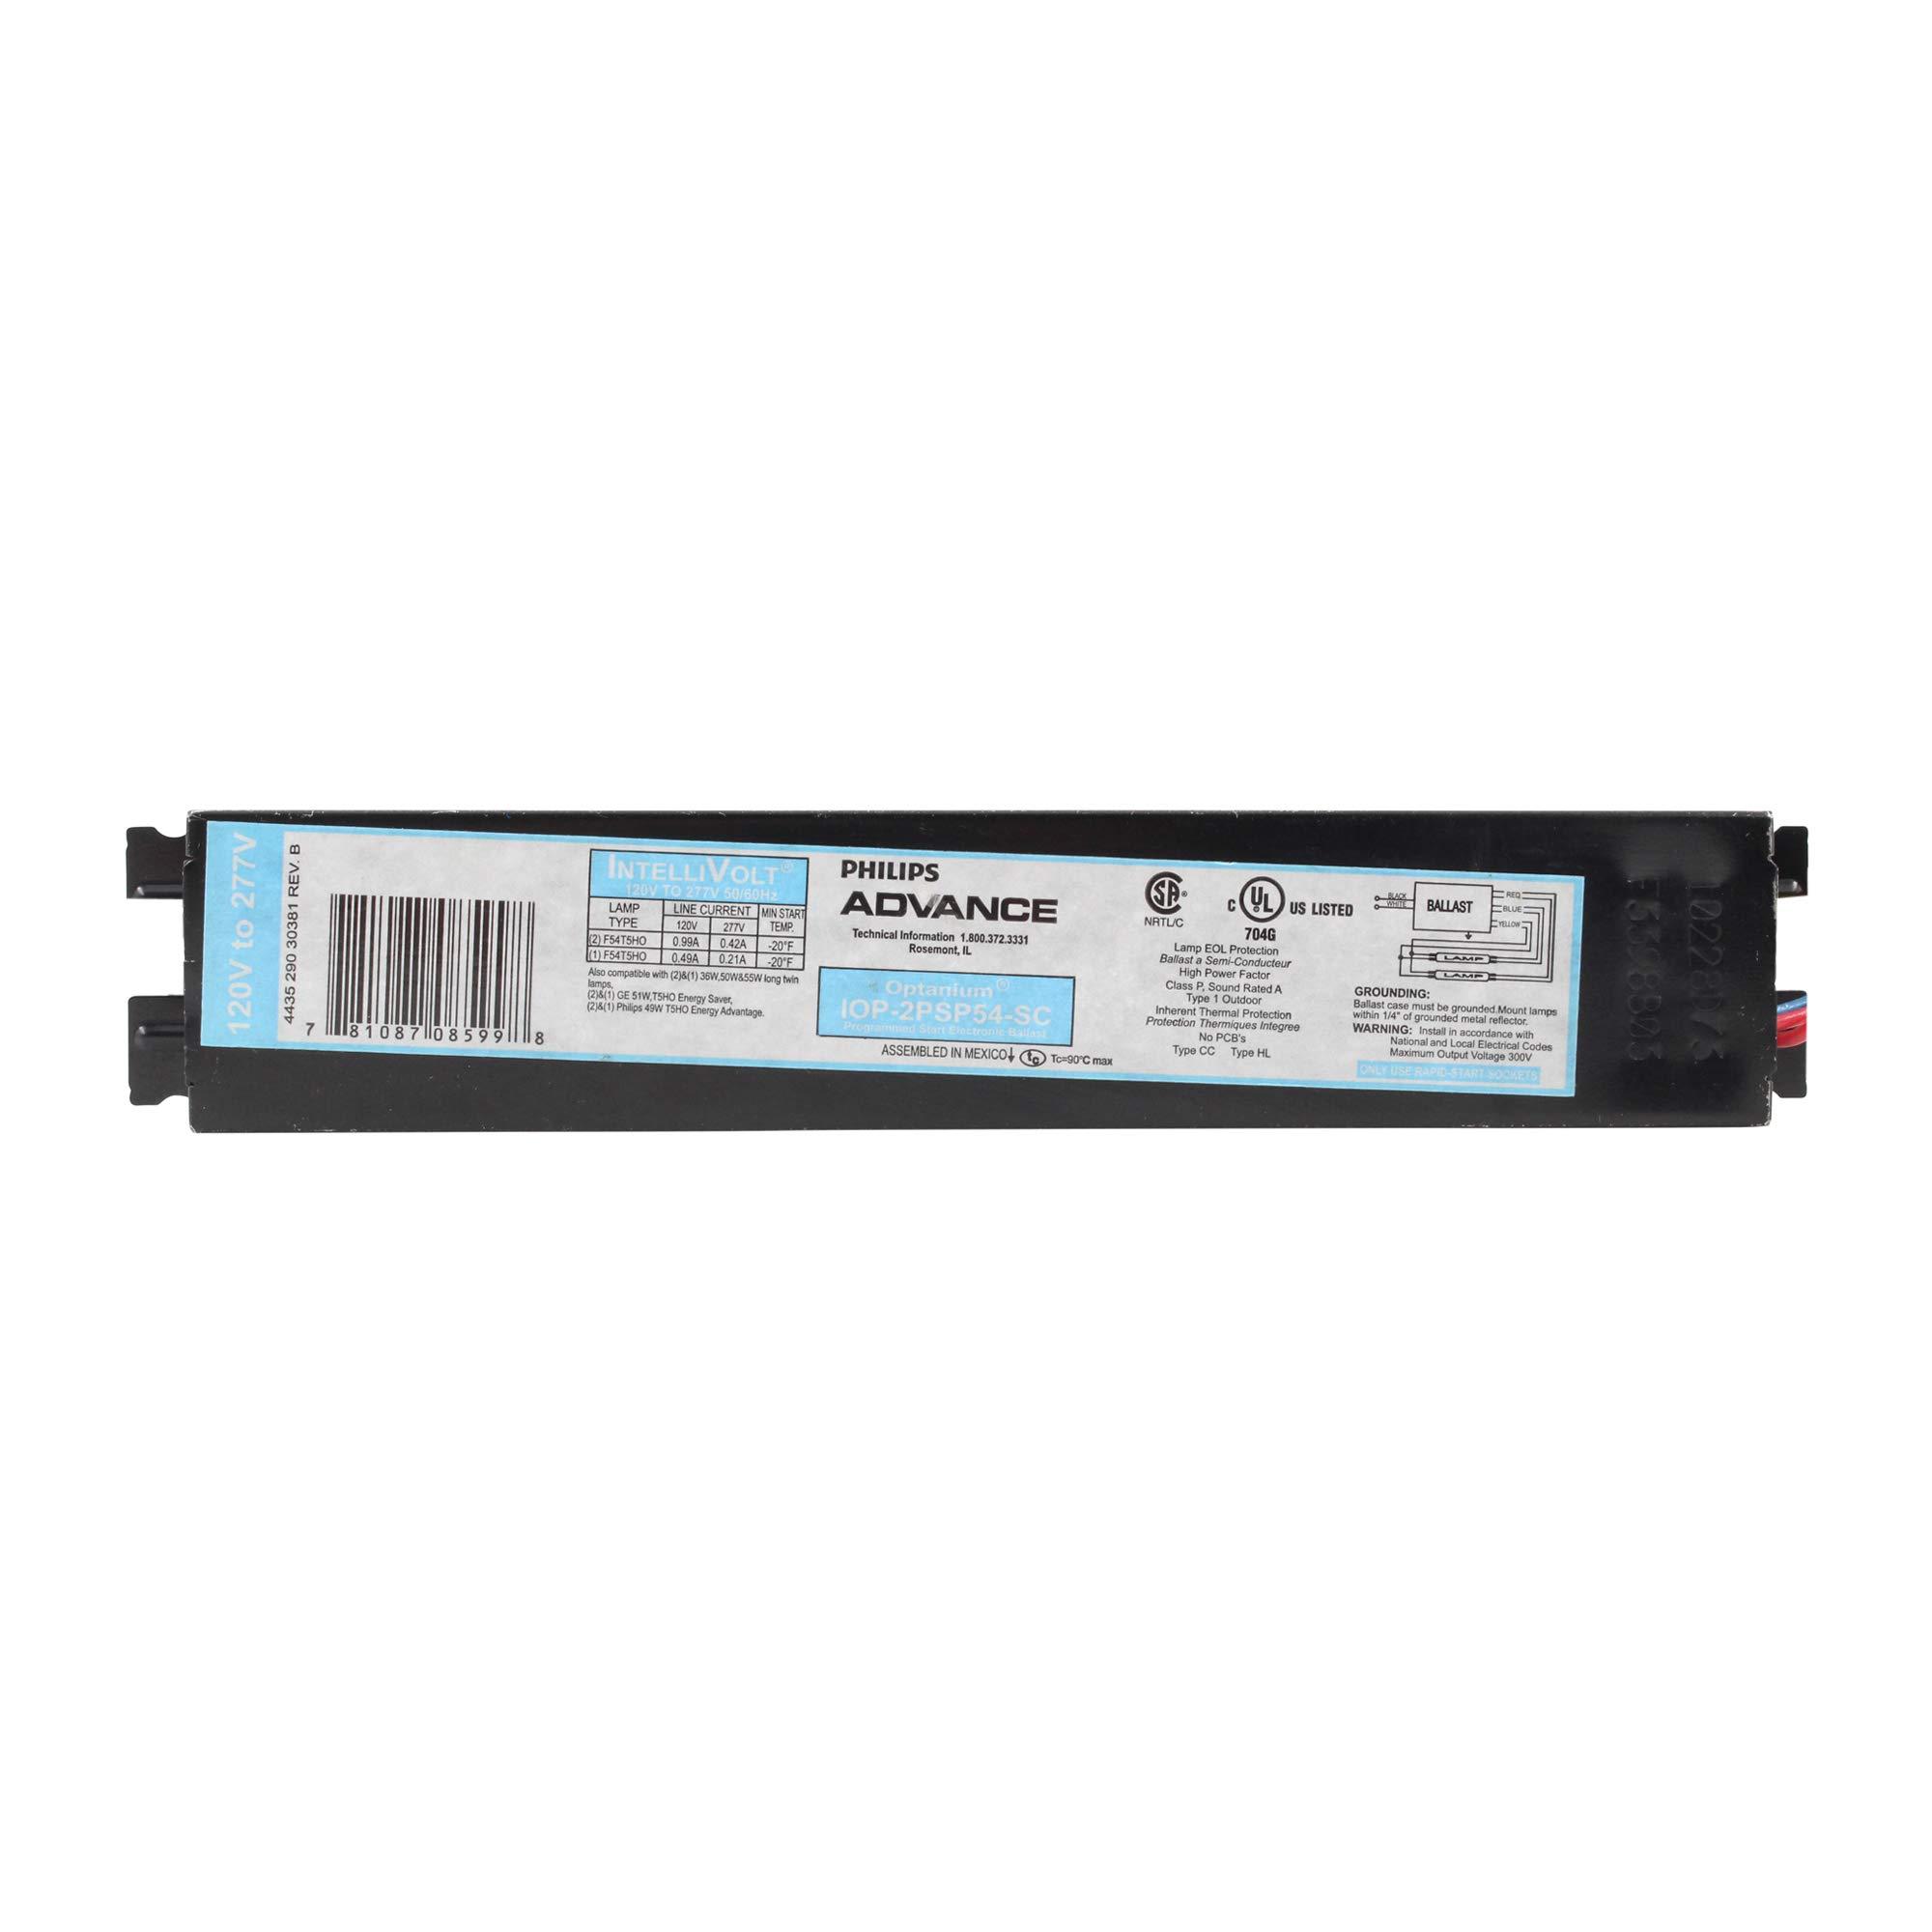 Advance IOP-3P32-SC Fluorescent Ballast, 3-Lamp, F32T8, 32W T8, 120V/277V